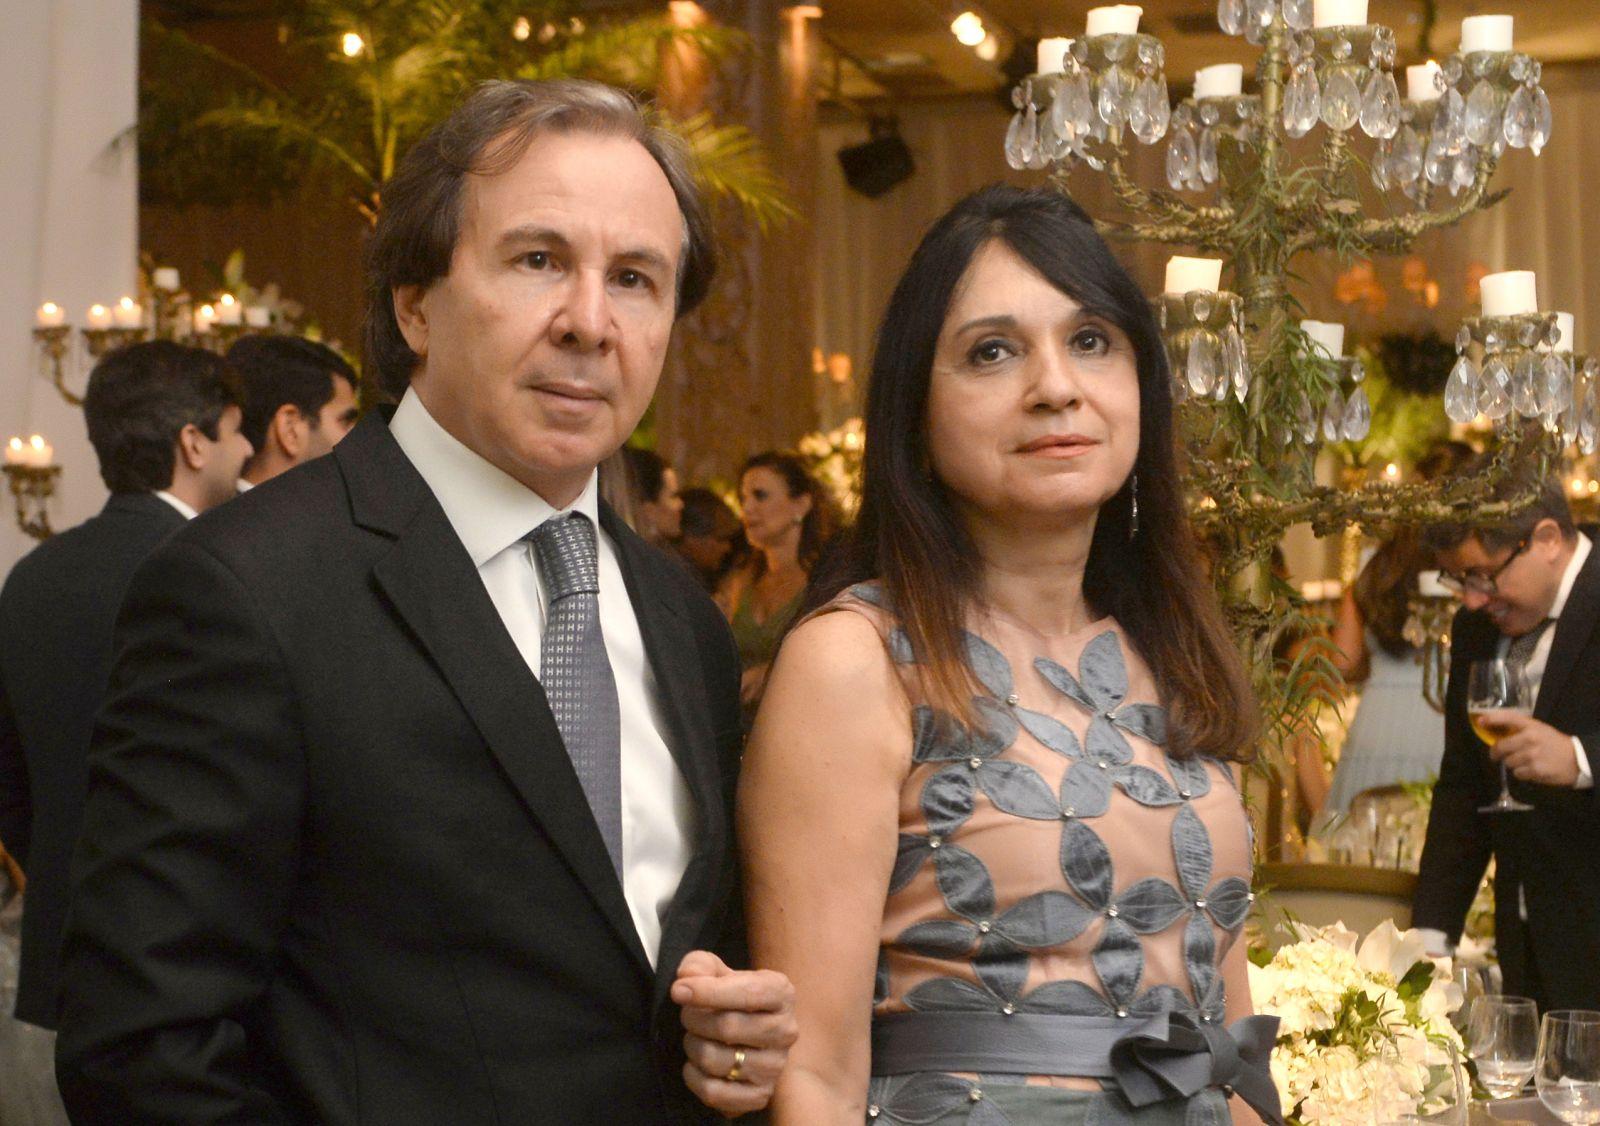 Giuseppe Belmonte e Rejane, foram destaque no casamento de Eduardo Schnitman e Natália Marchesini